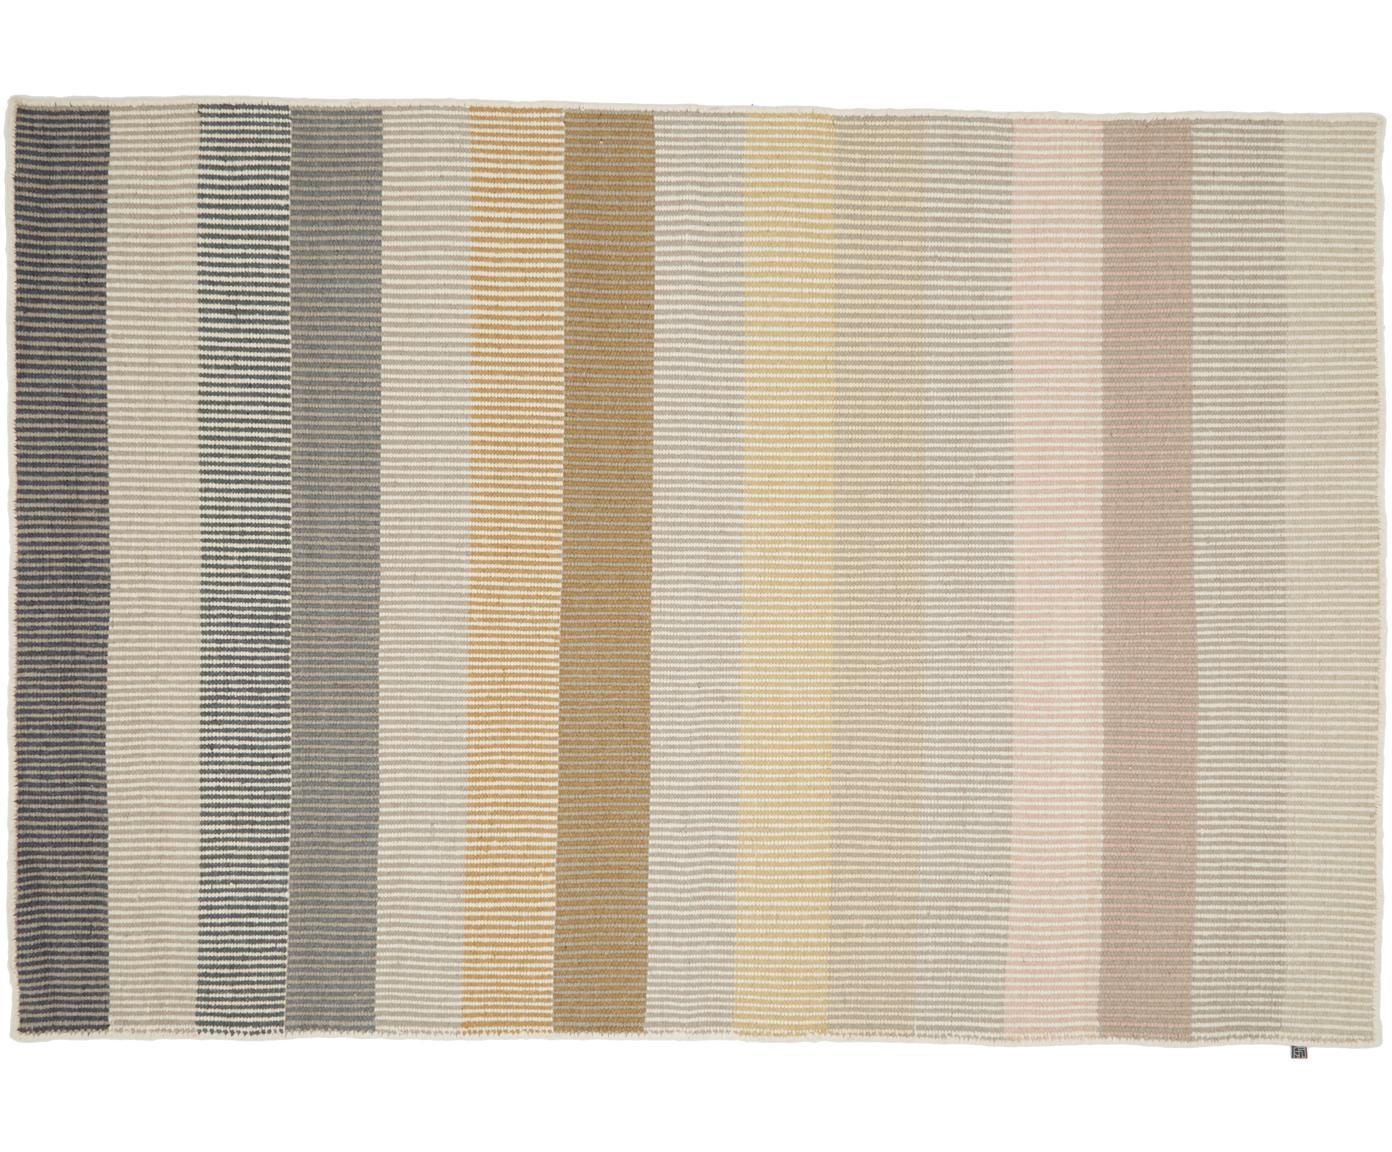 Handgeweven gestreept wollen vloerkleed Devise, Multicolour, B 140 x L 200 cm (maat S)